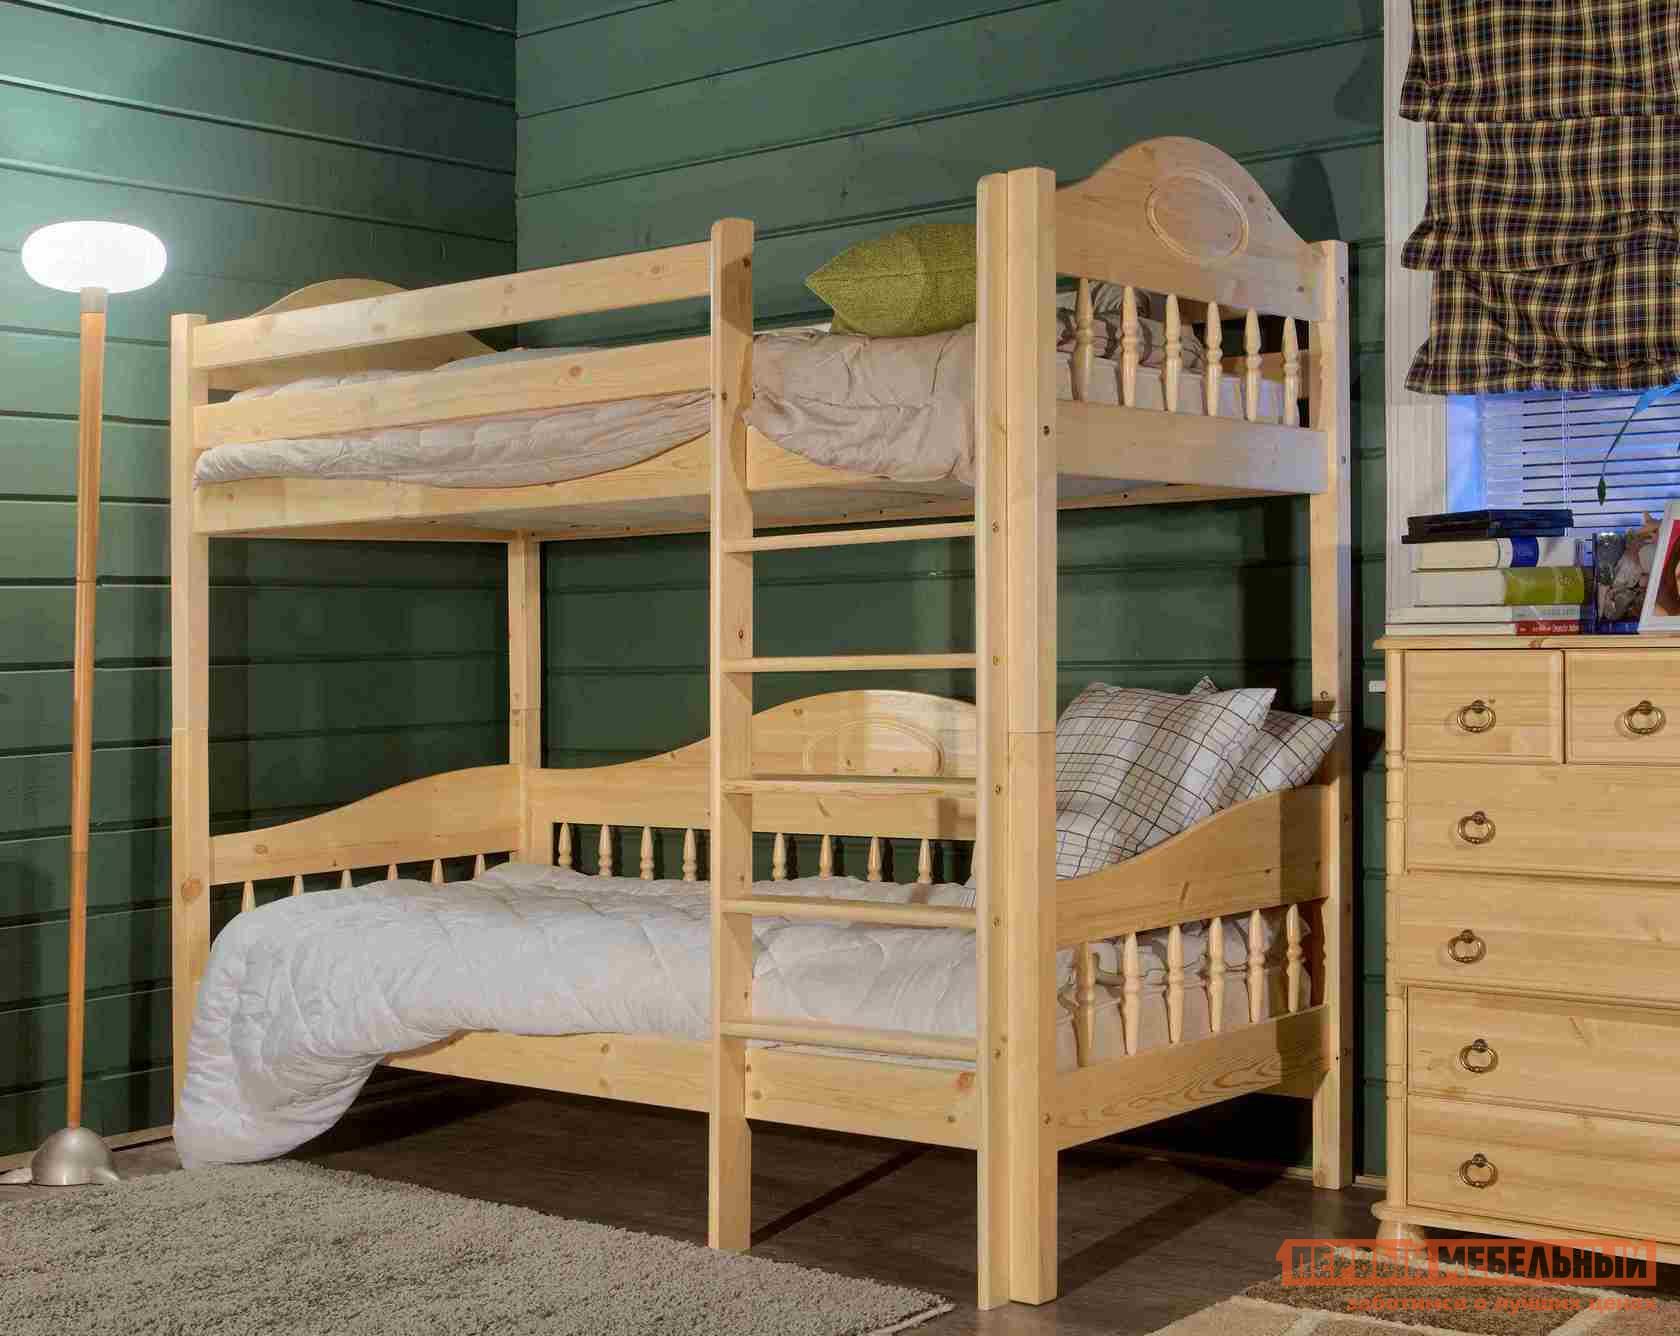 Двухъярусная кровать Timberica Кровать 2-ярусная Фрея (F3) двухъярусная кровать timberica кровать 2 ярусная брамминг